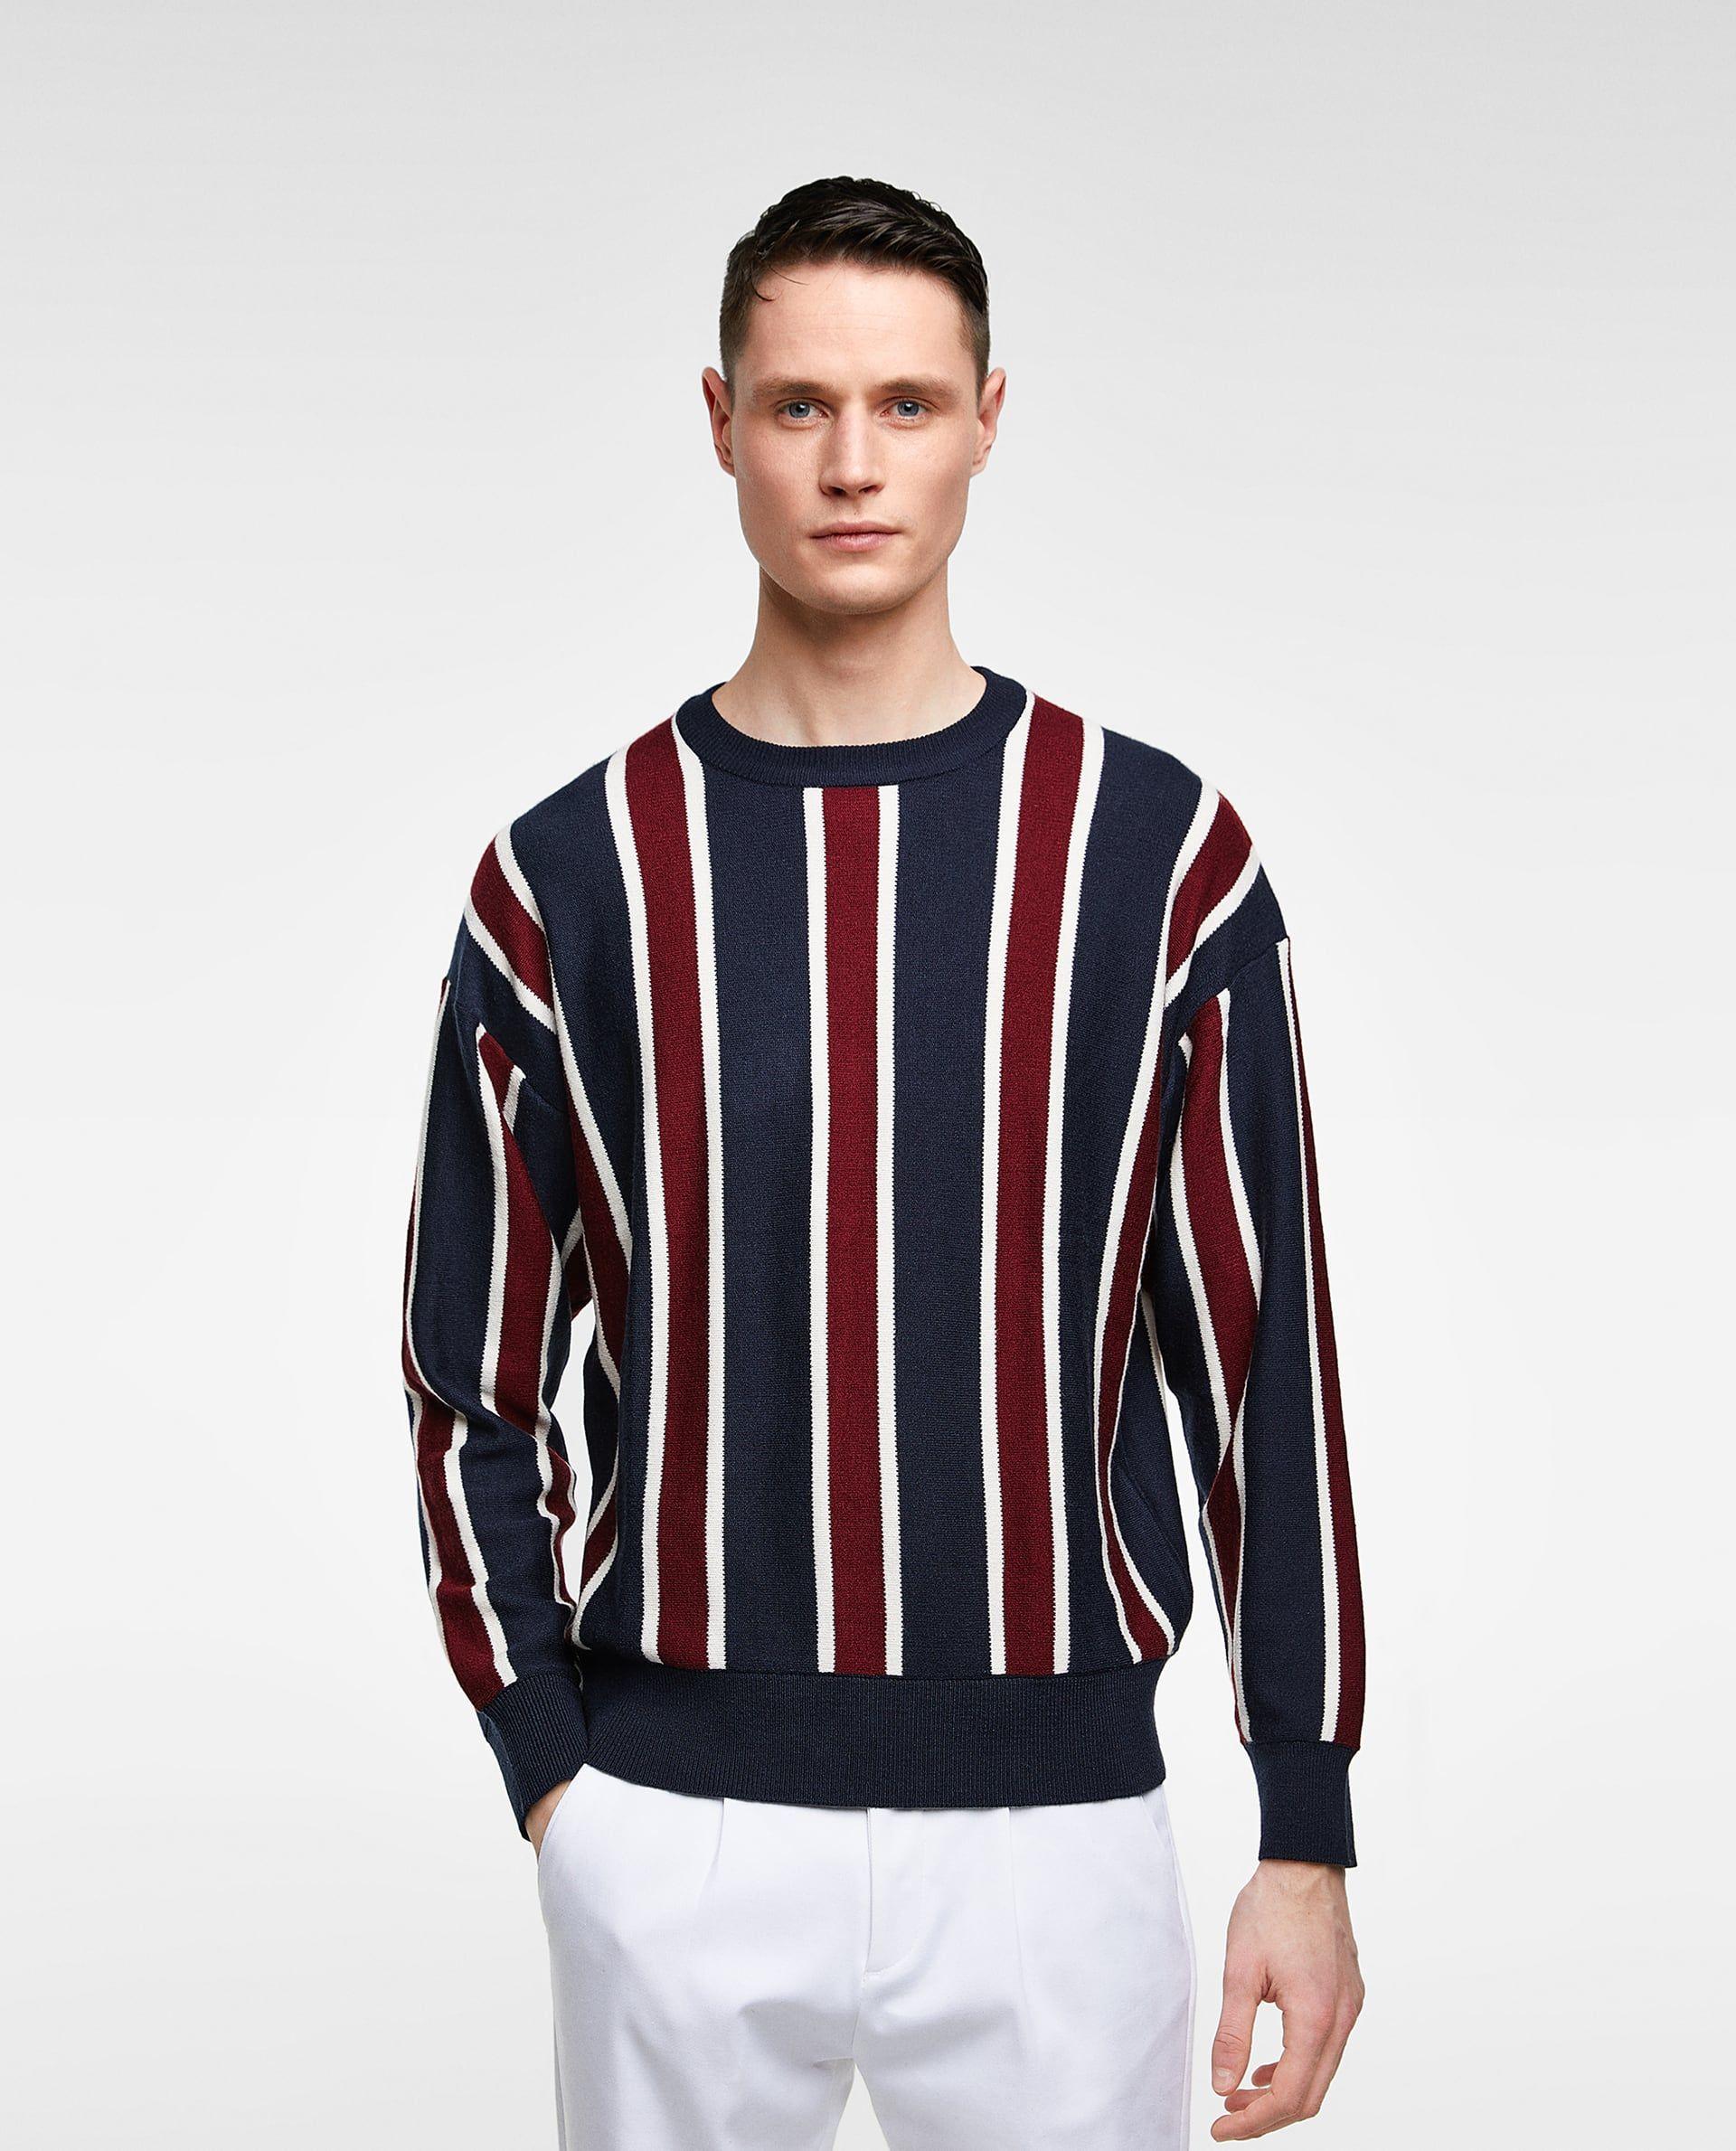 Lo ltimo en moda para hombre nueva colecci n online for Lo ultimo en moda para hombres